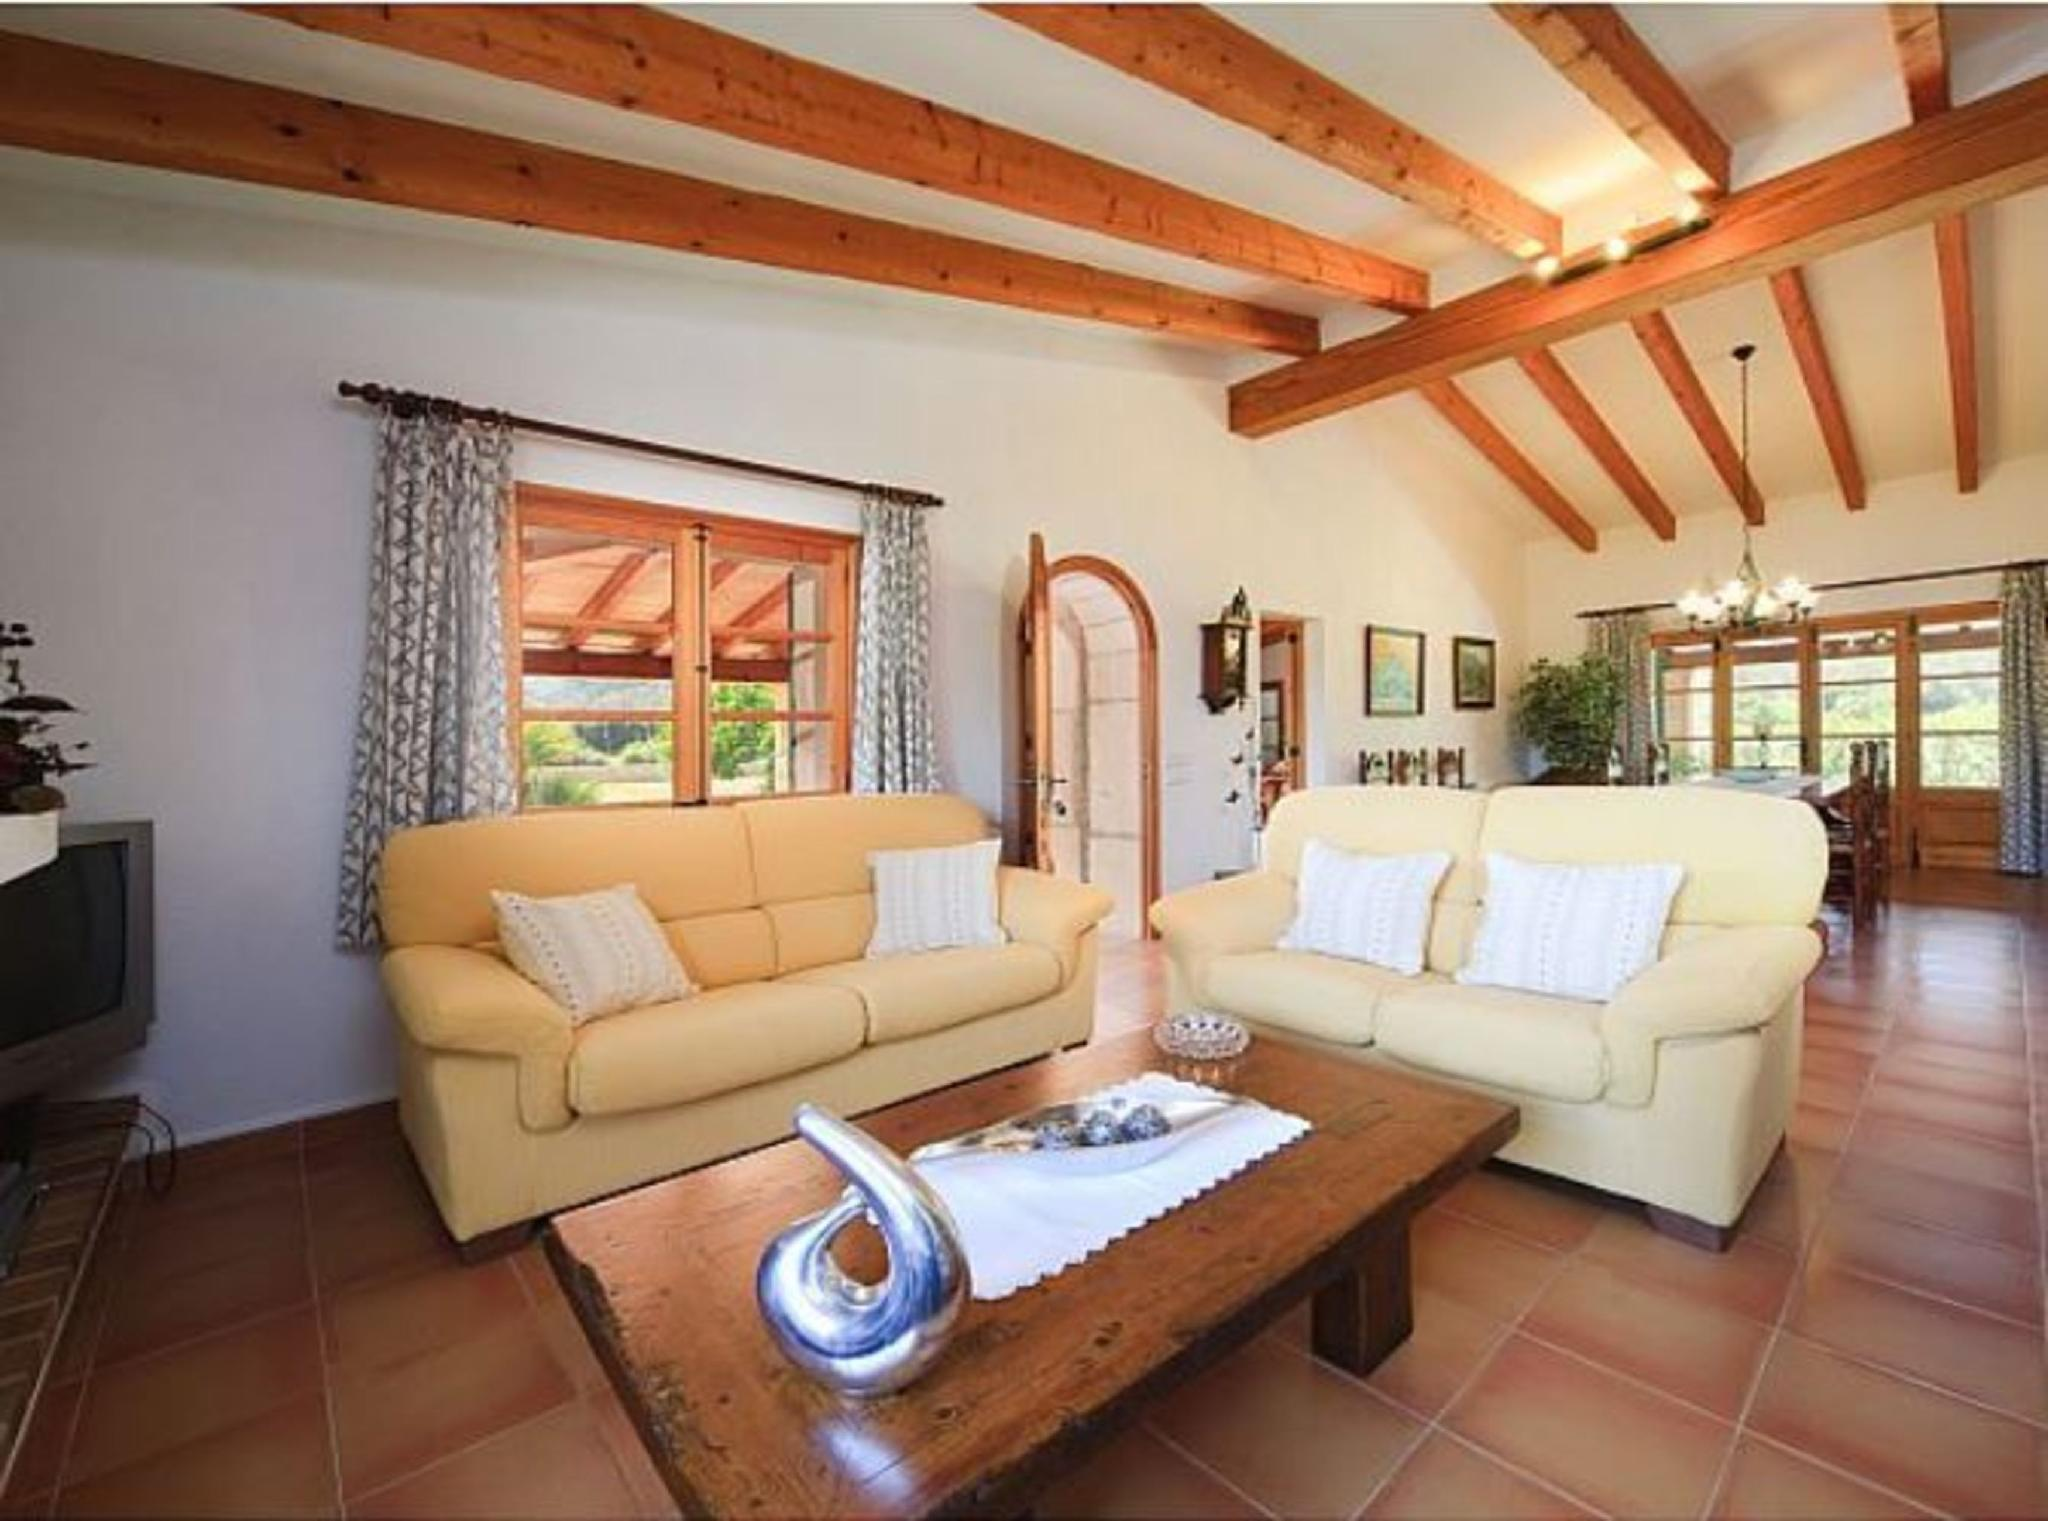 105843 -  Villa in Port de Pollensa